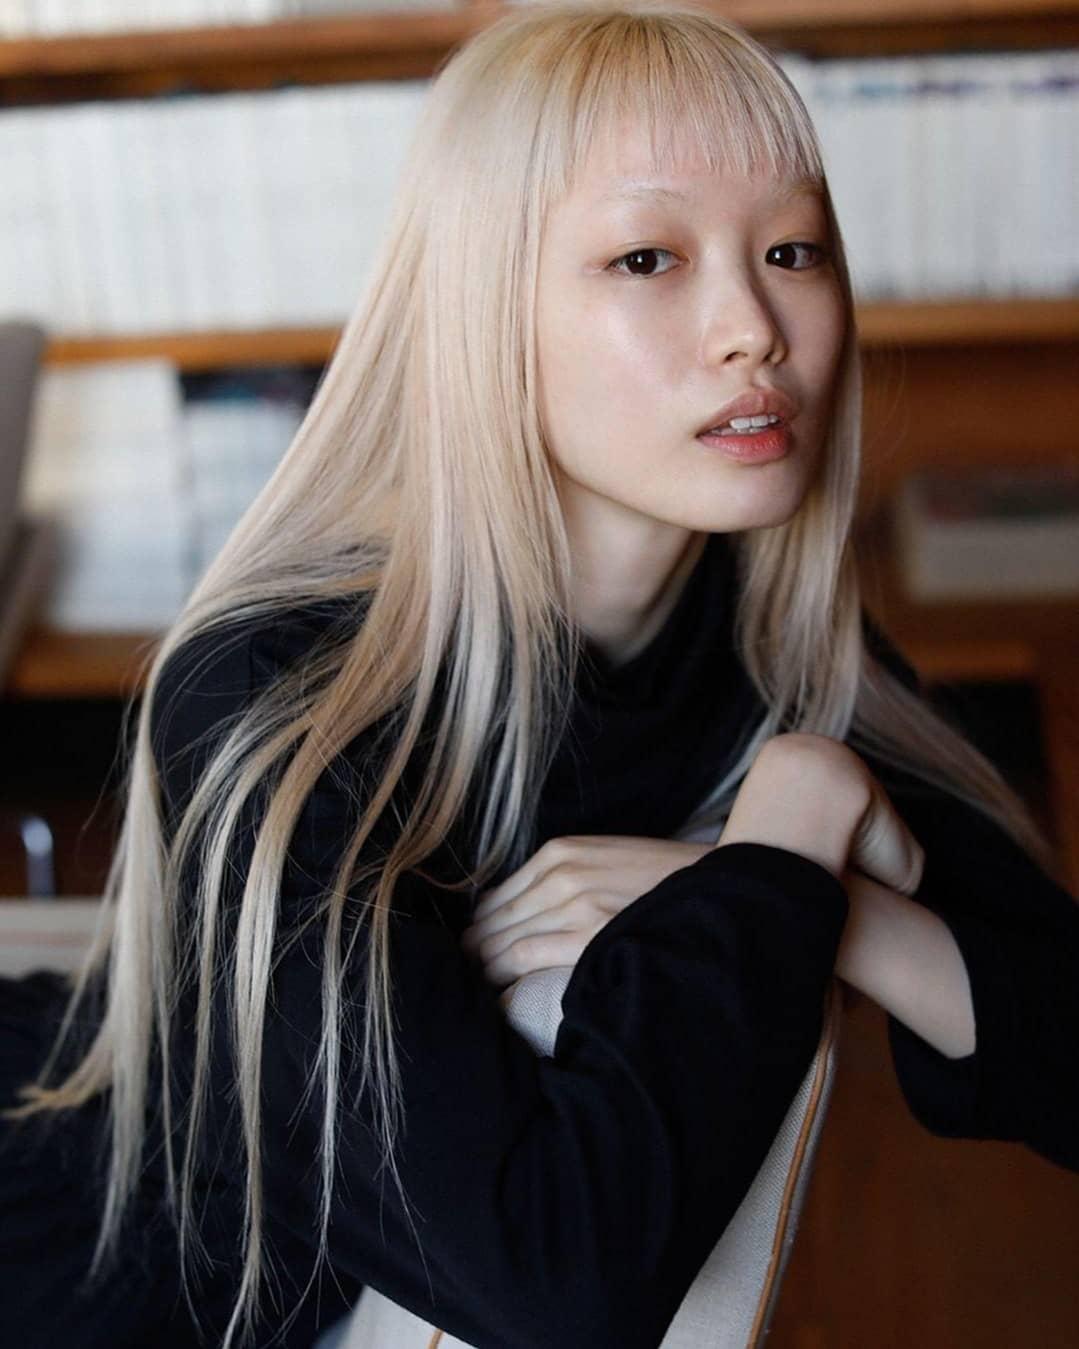 1612900053 208 25 fotos de flequillo coreano para lucir como una estrella - 25 fotos de flequillo coreano para lucir como una estrella de drama